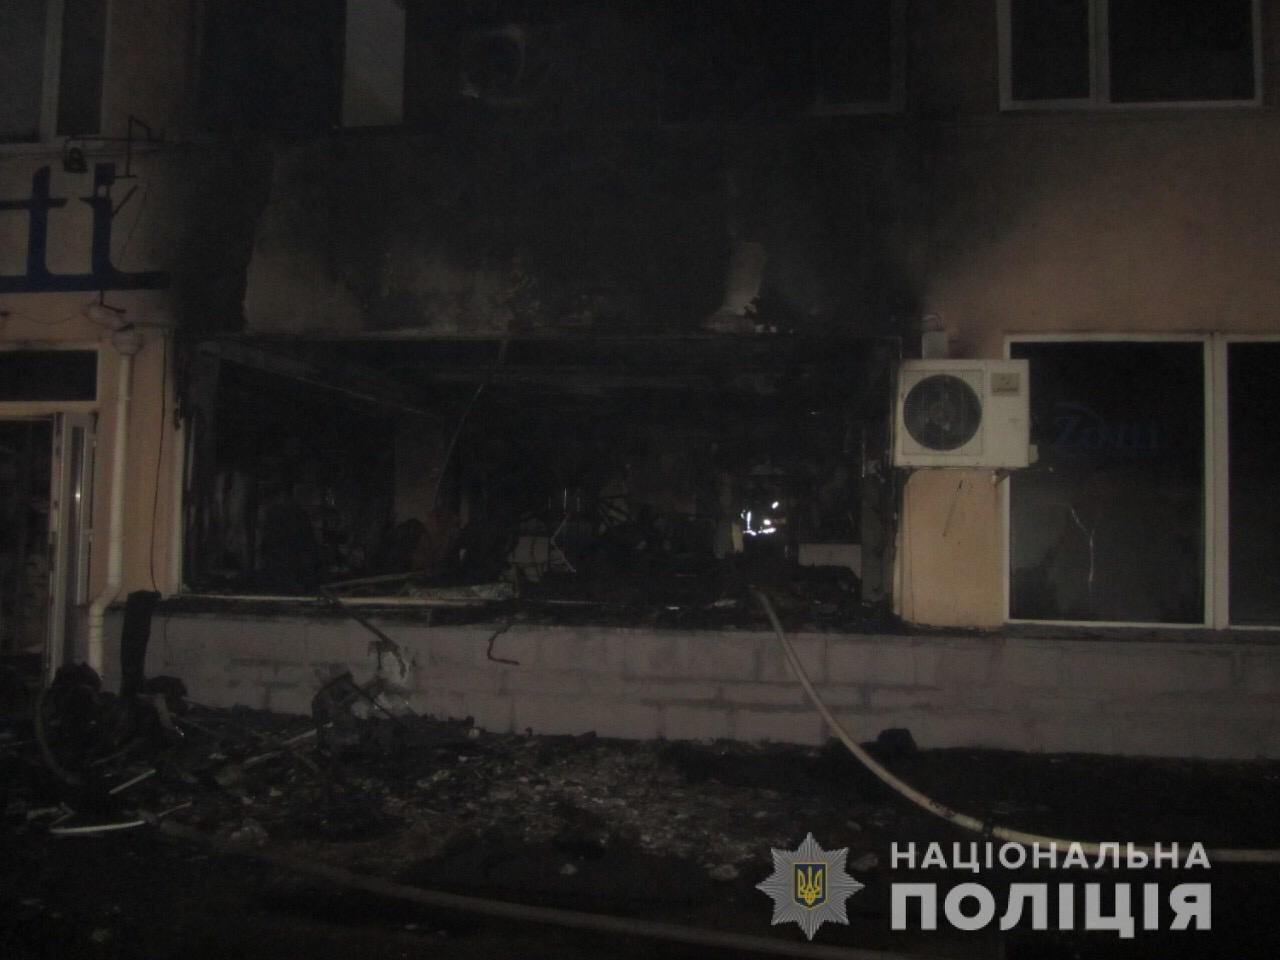 Пожар на швейных складах в Харькове. Неизвестные подожгли два помещения, - ФОТО, фото-8